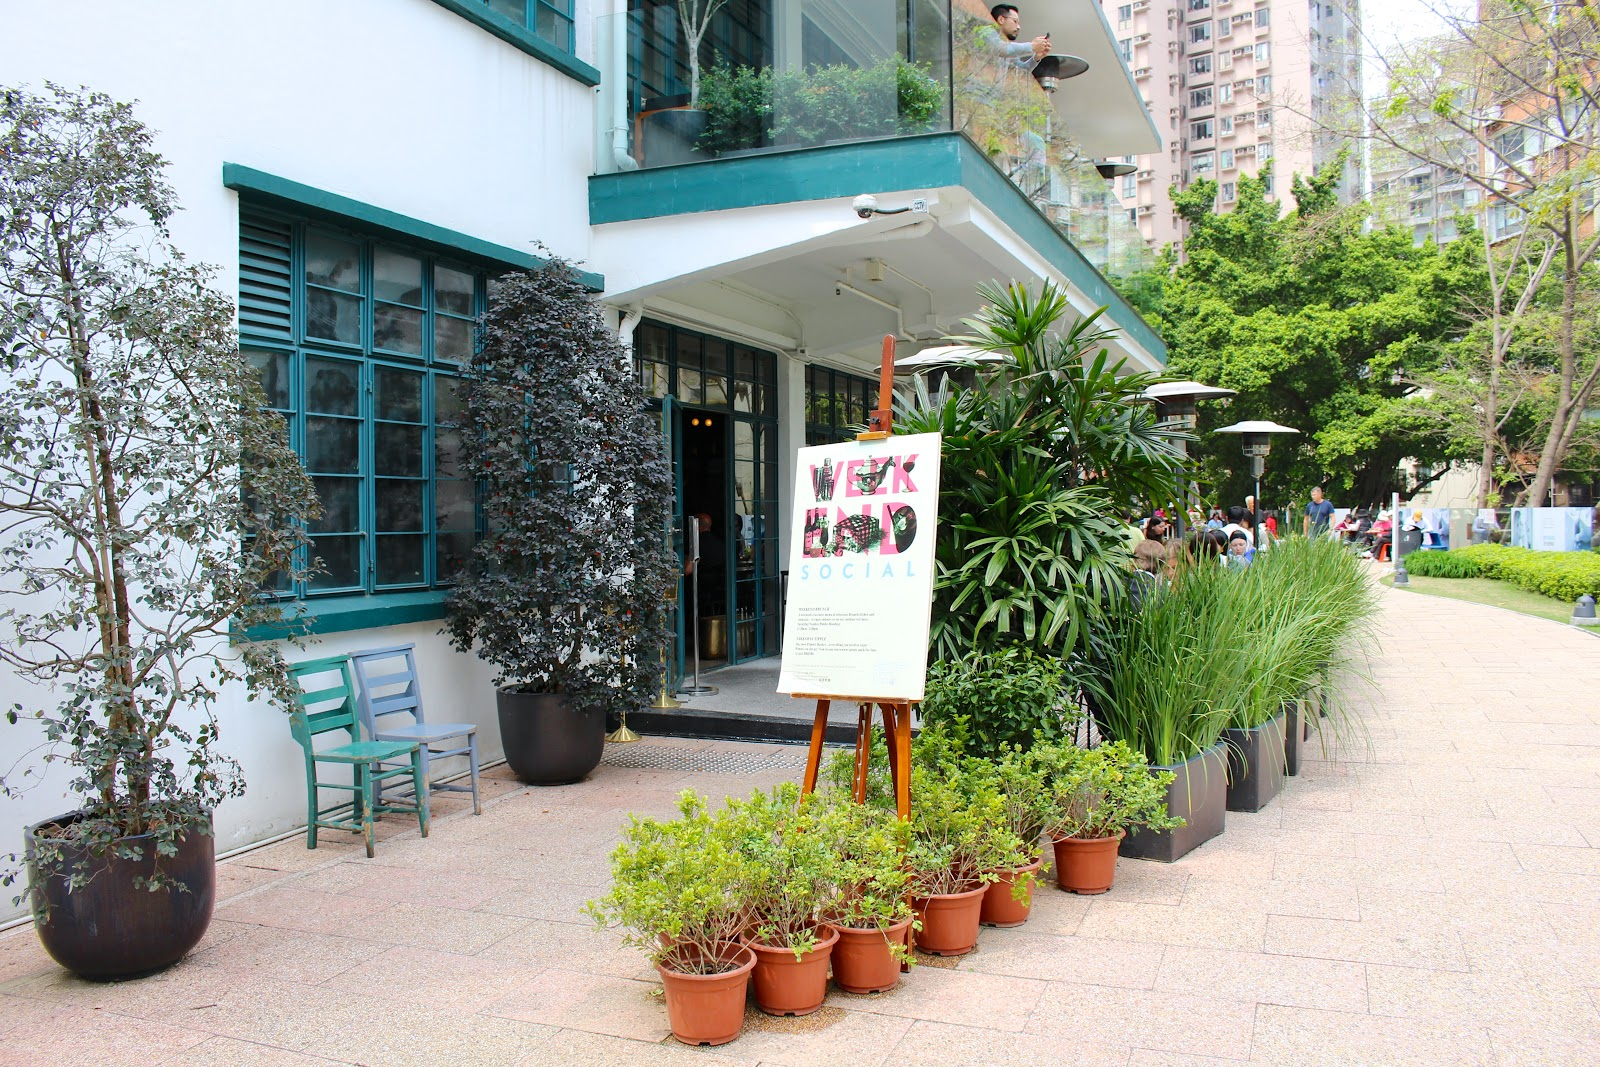 Aberdeen Street Social Hong Kong hotspot